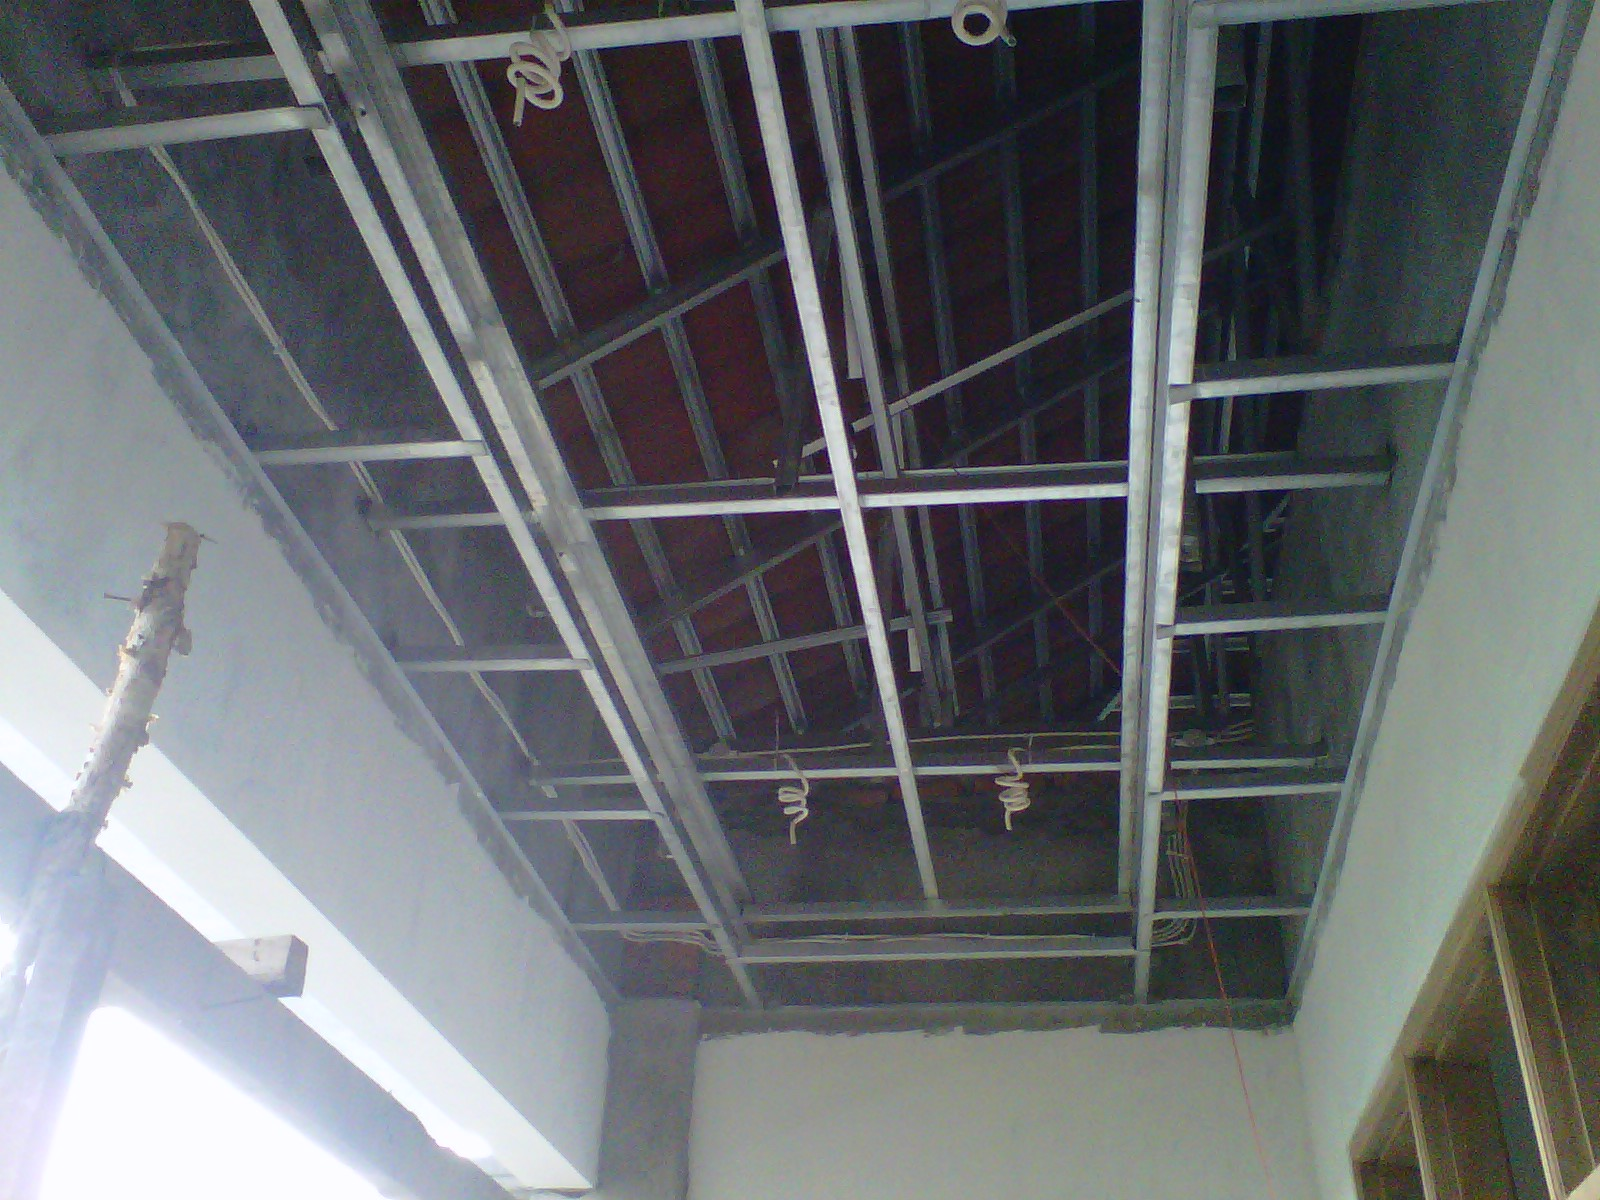 Rangka Plafon Baja Ringan Minimalis Desain Gypsum Interior